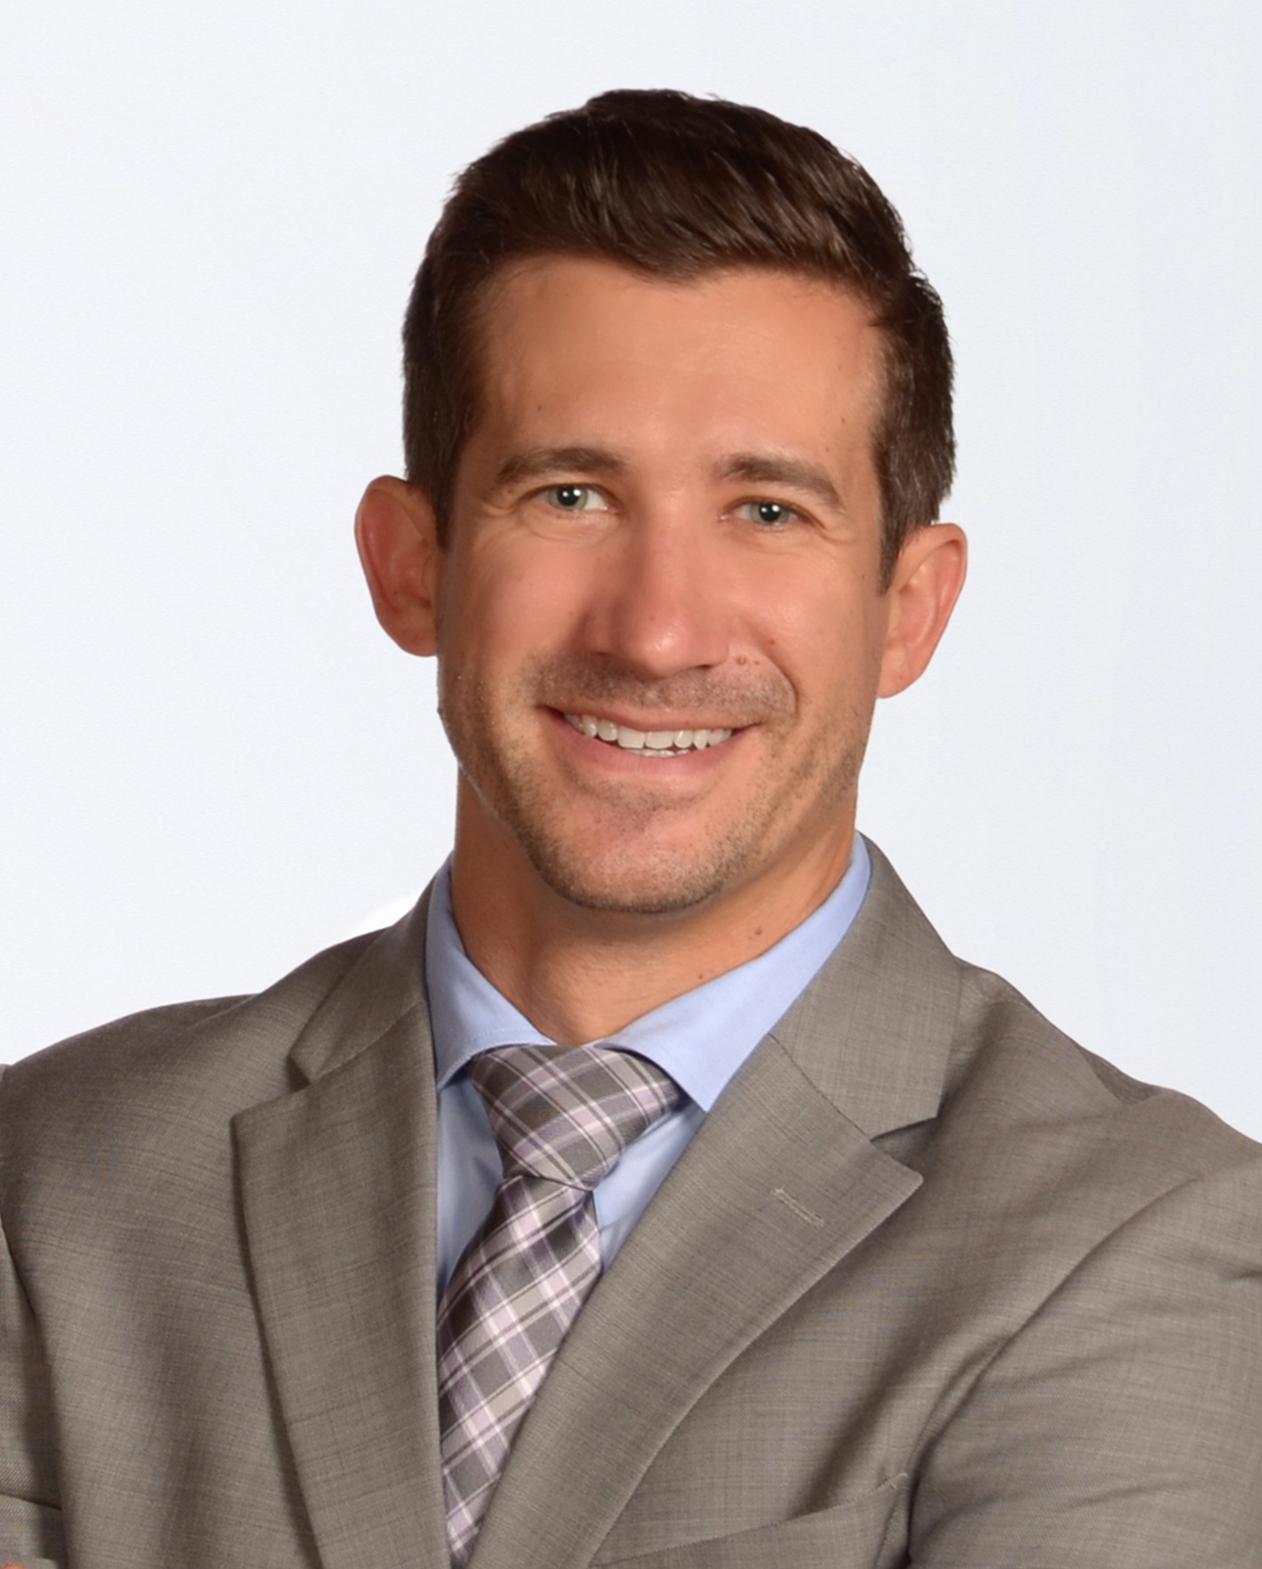 Scott Amoruso